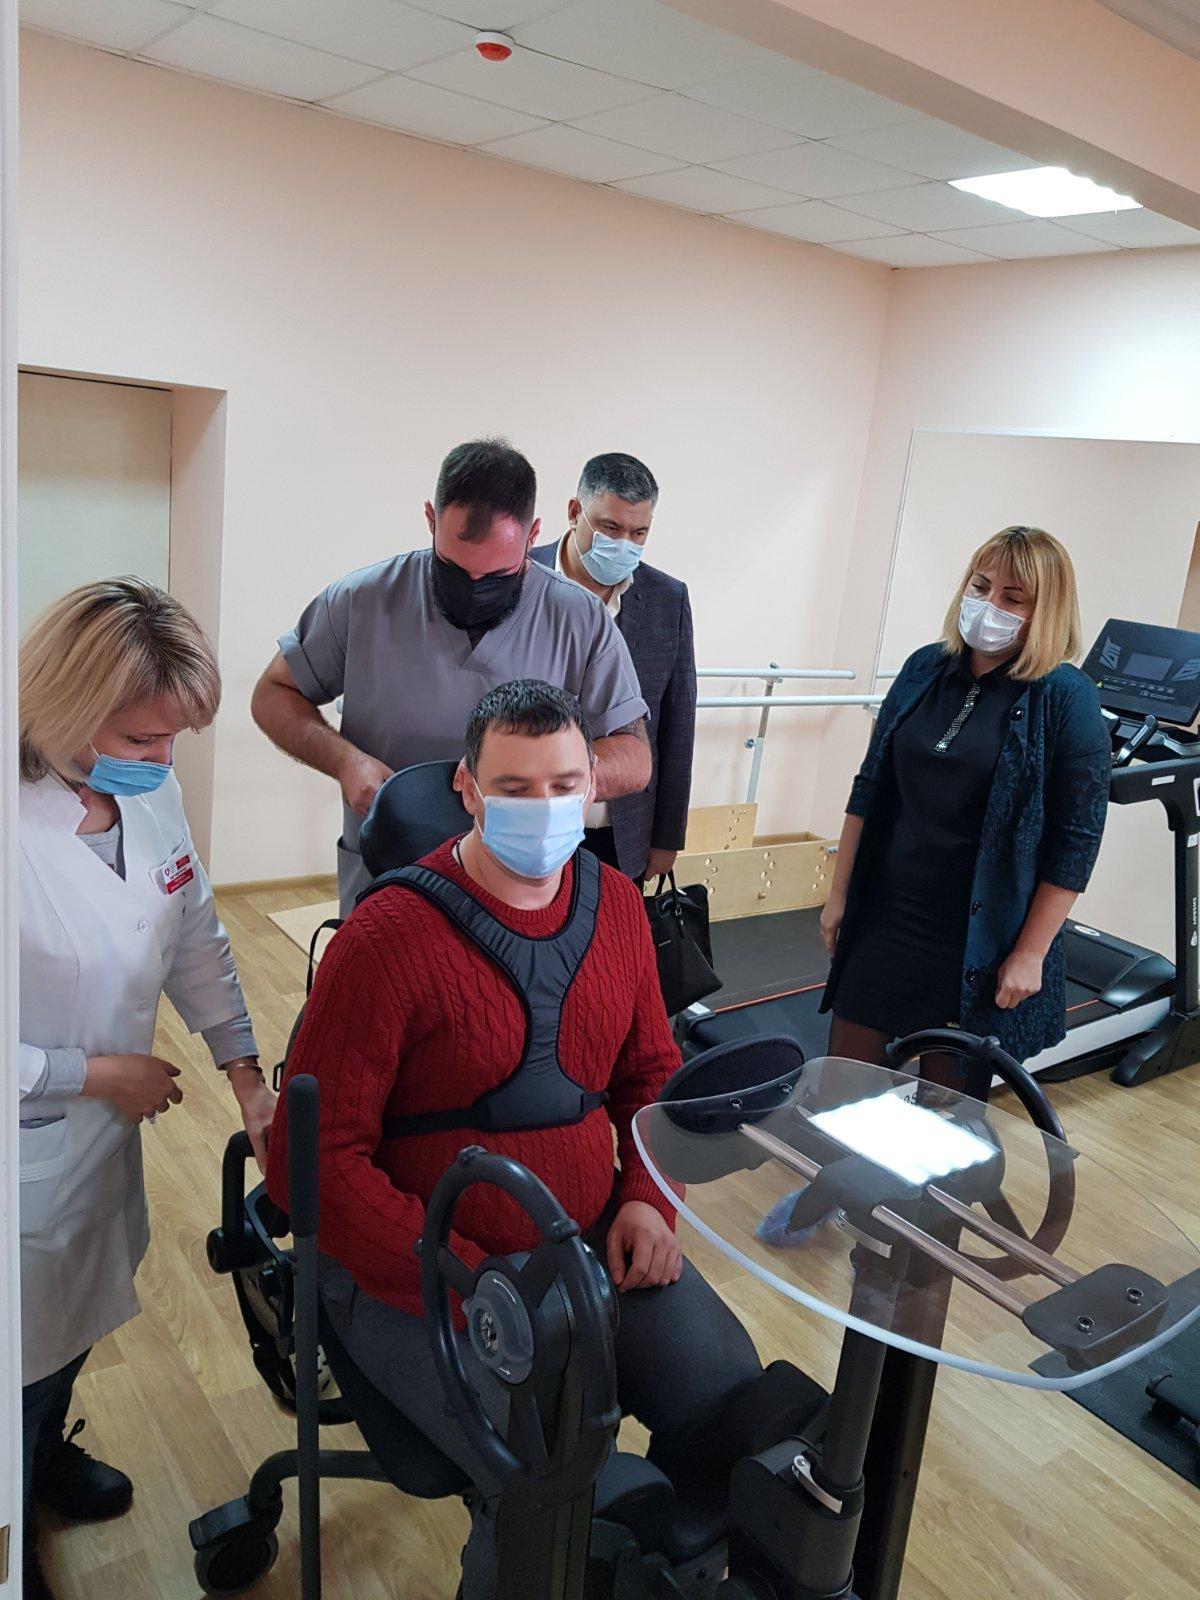 Бердянский центр реабилитации передает опыт коллегам из Энергодара, фото-2